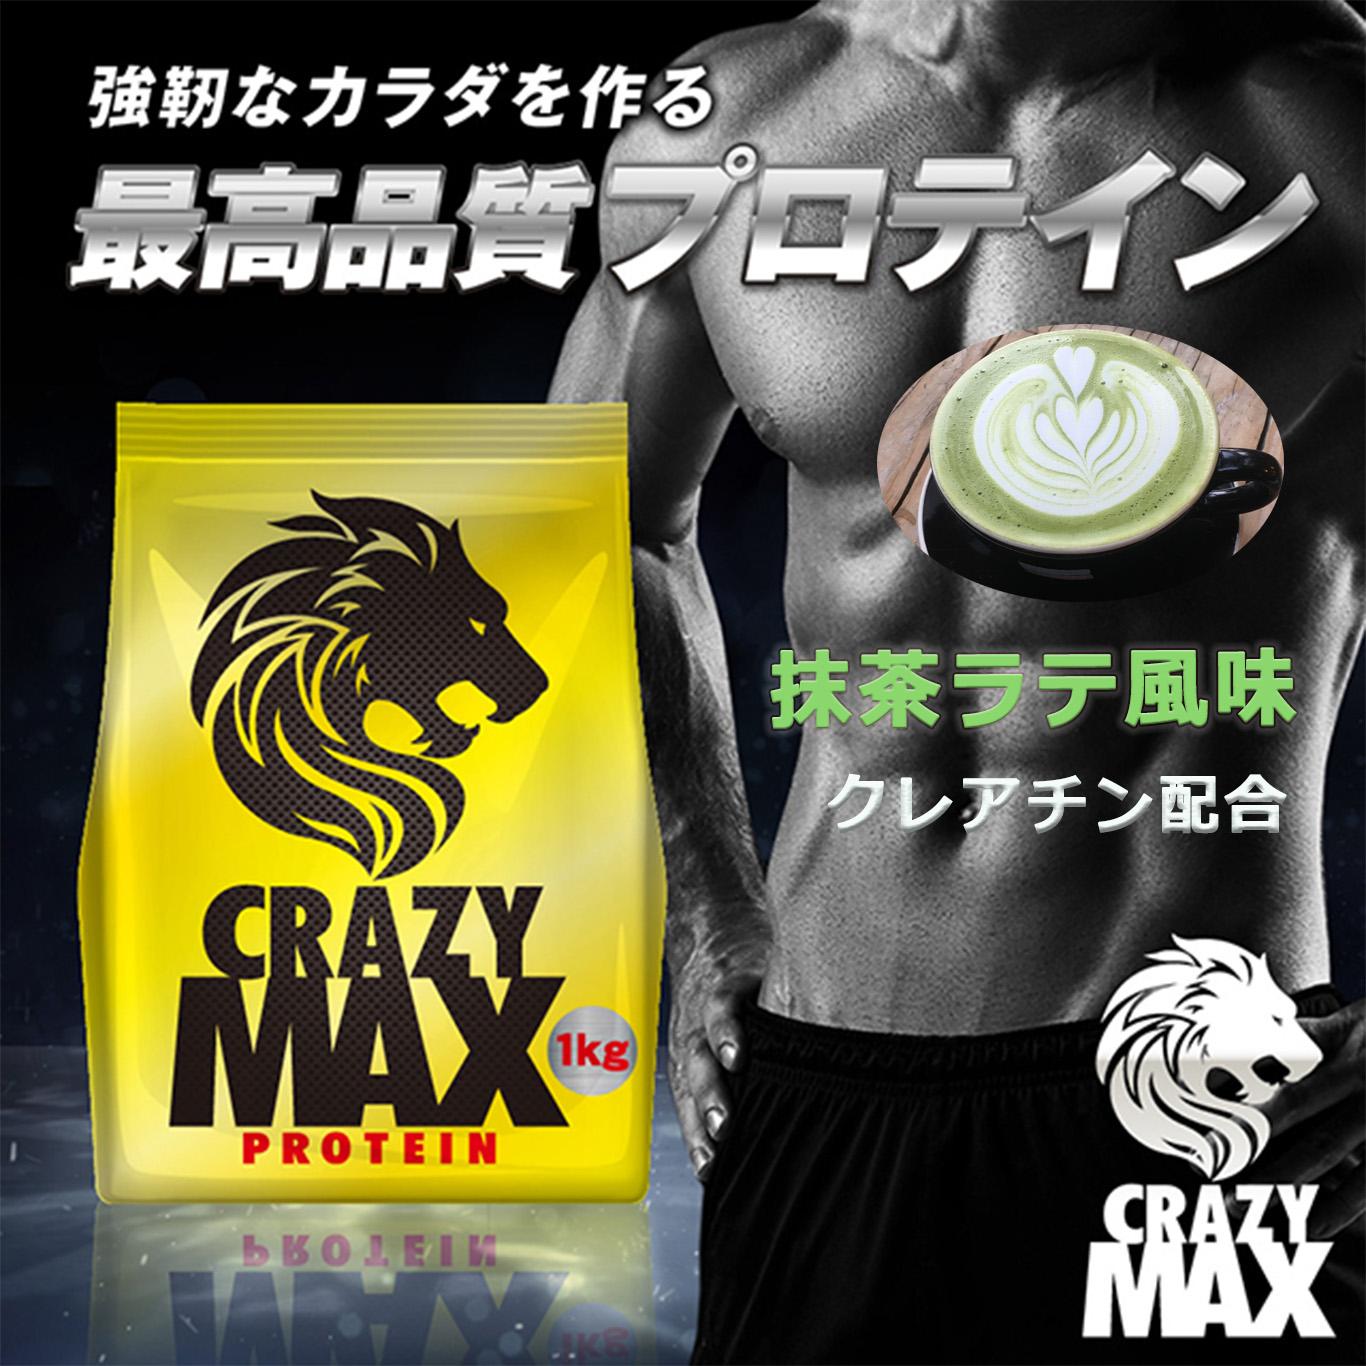 ドイツ産ホエイプロテイン CRAZYMAX 抹茶ラテ風味 クレアチン配合 1kg